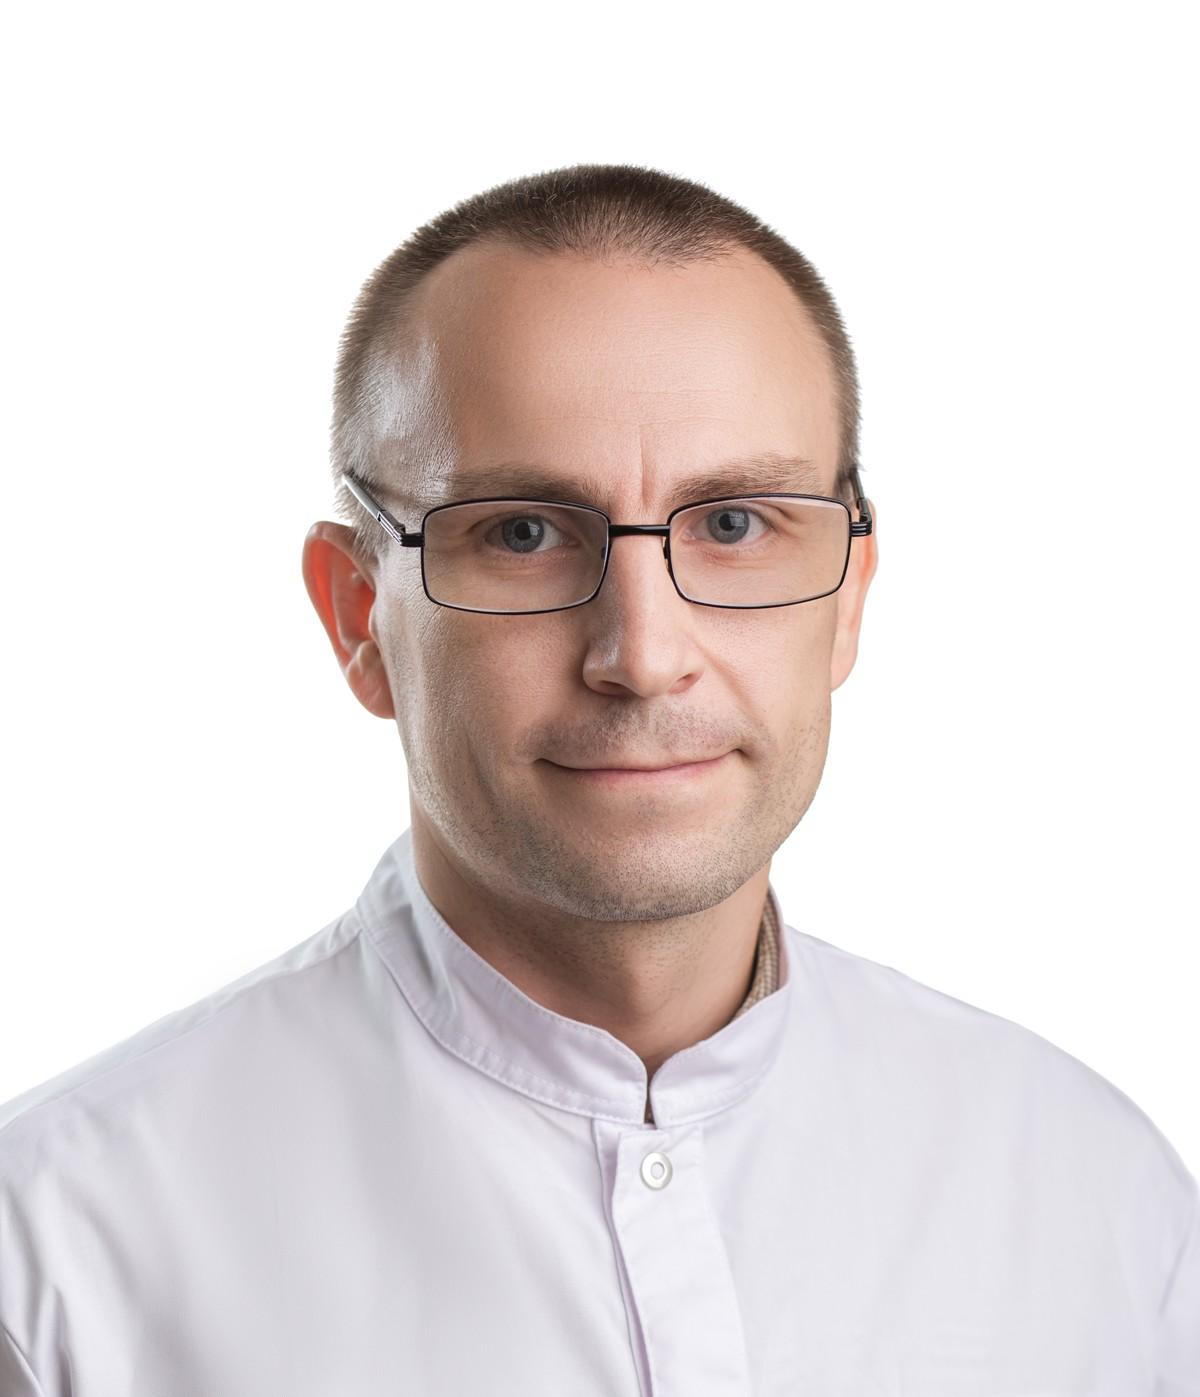 Supilnikov